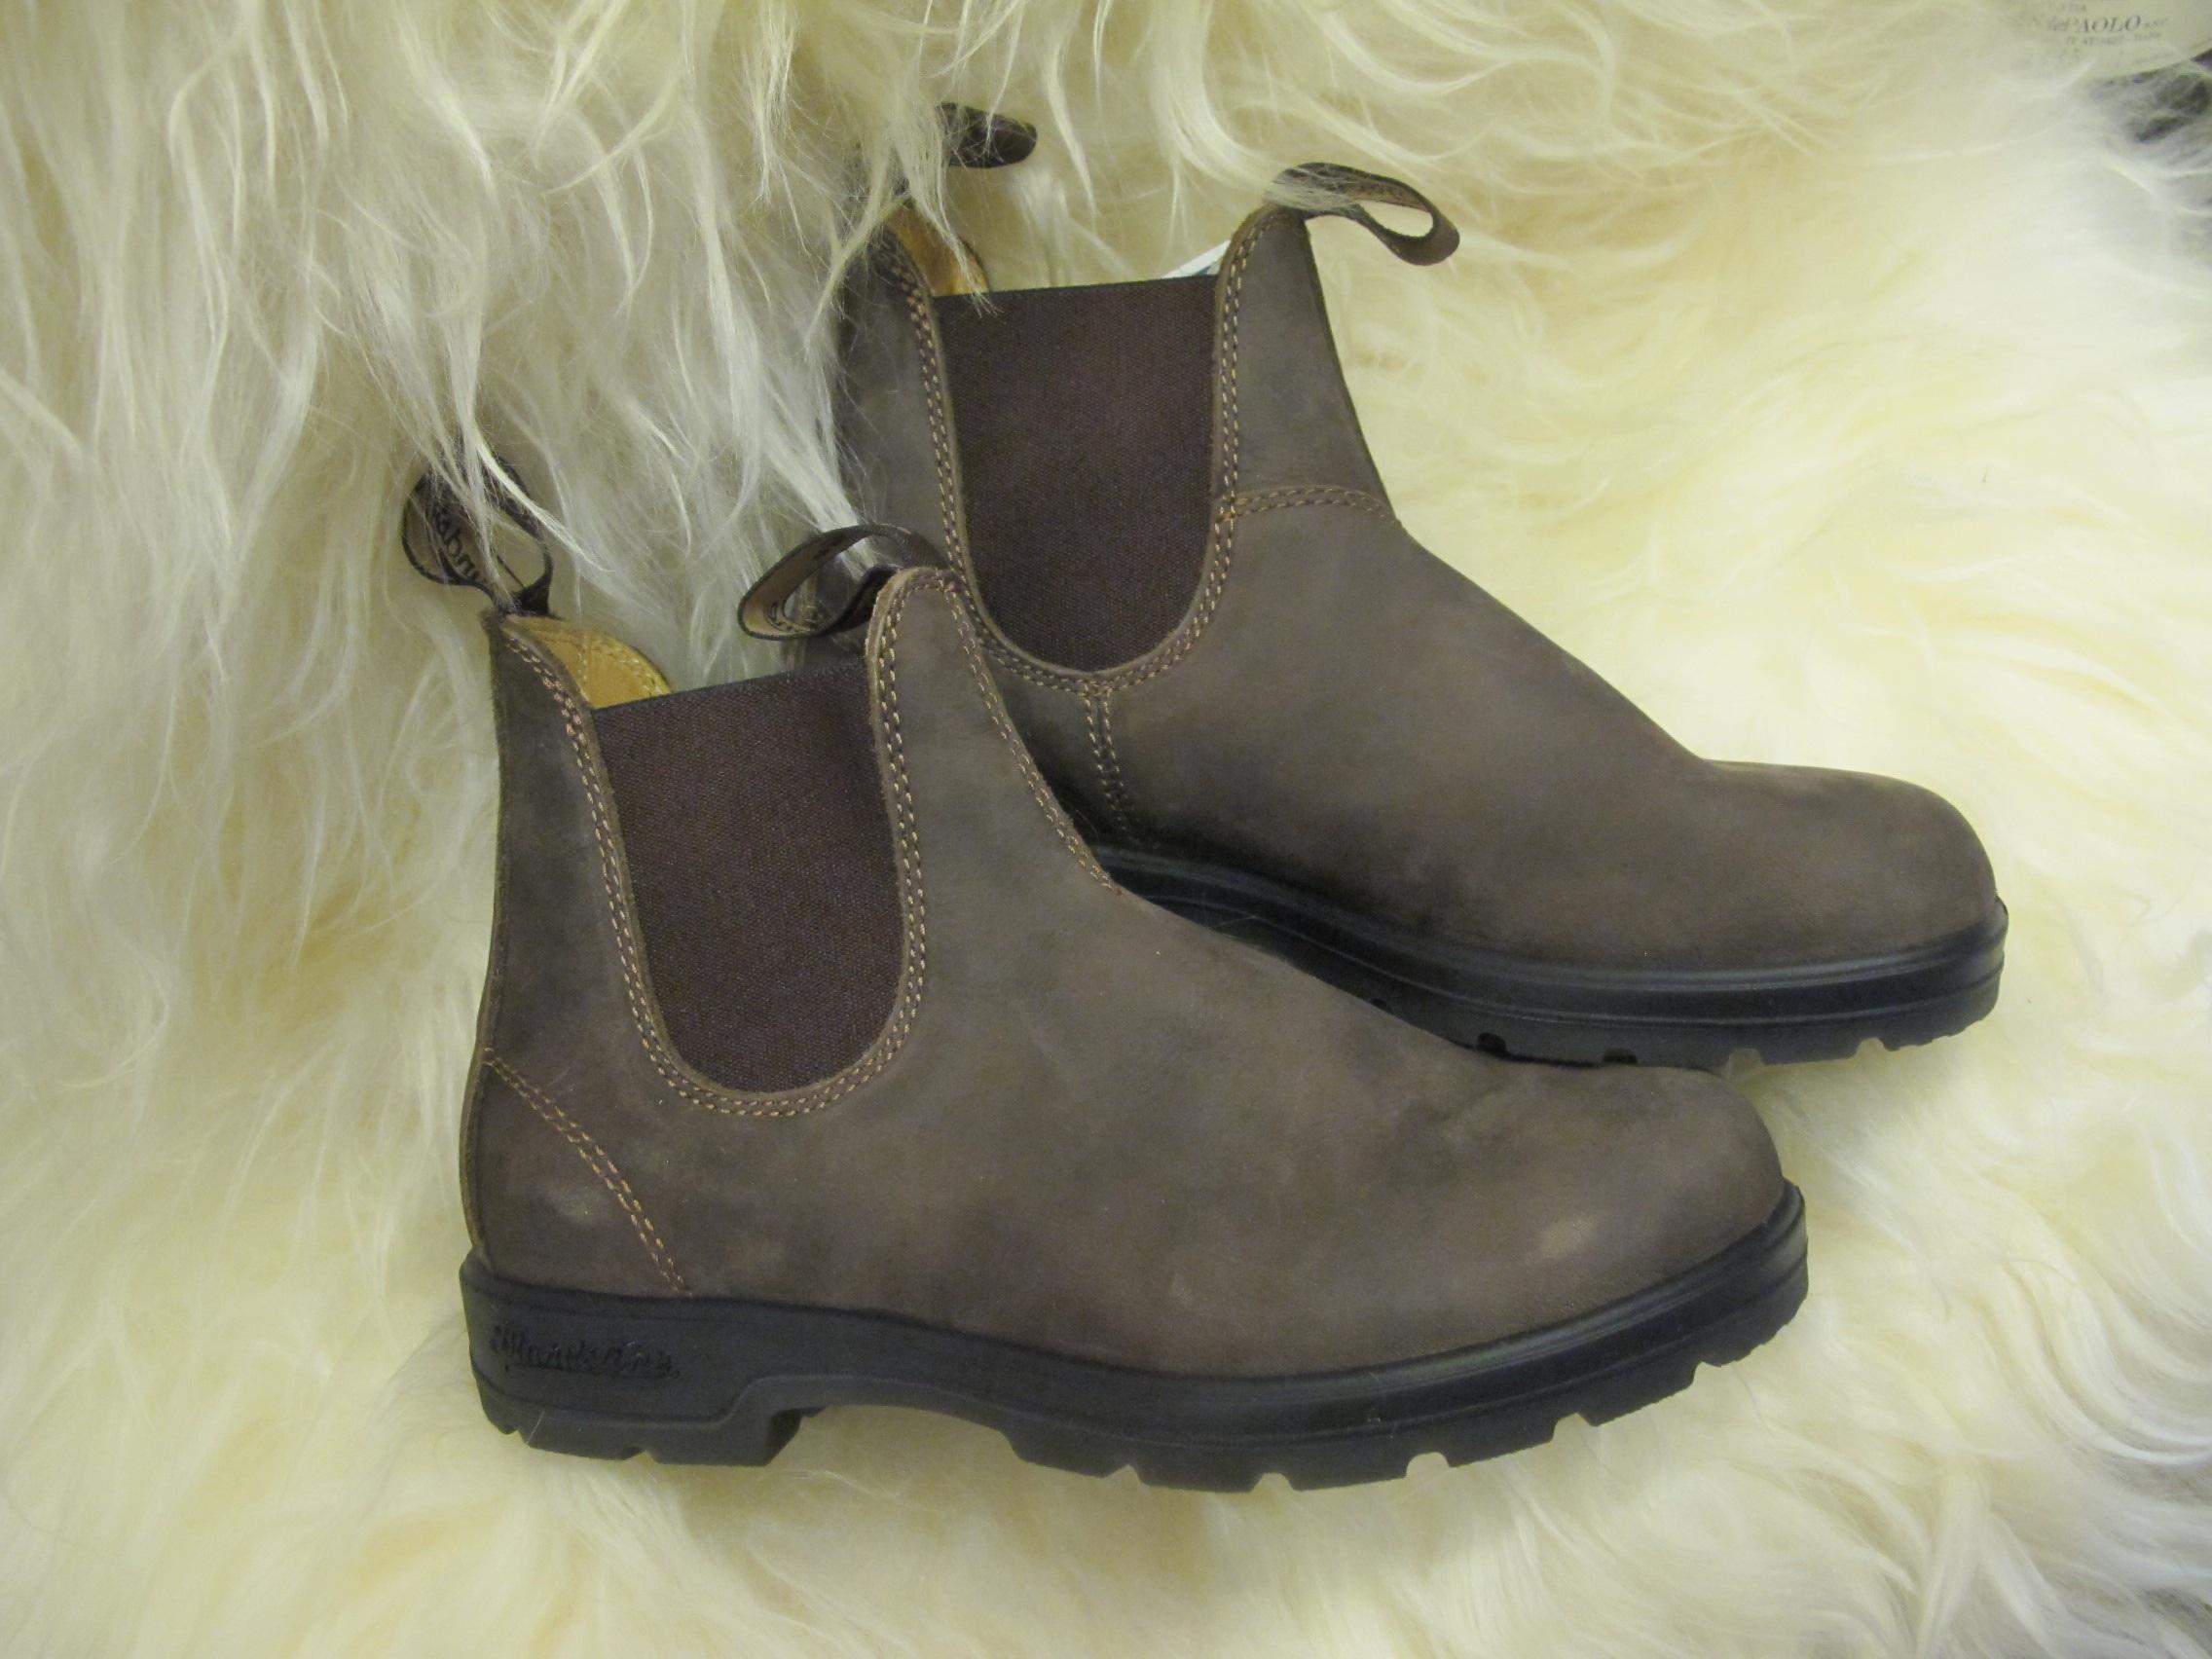 Deri ayakkabıları nasıl bakabilirim Kışlık deri ayakkabıları için uygun bakım nasıl yapılır